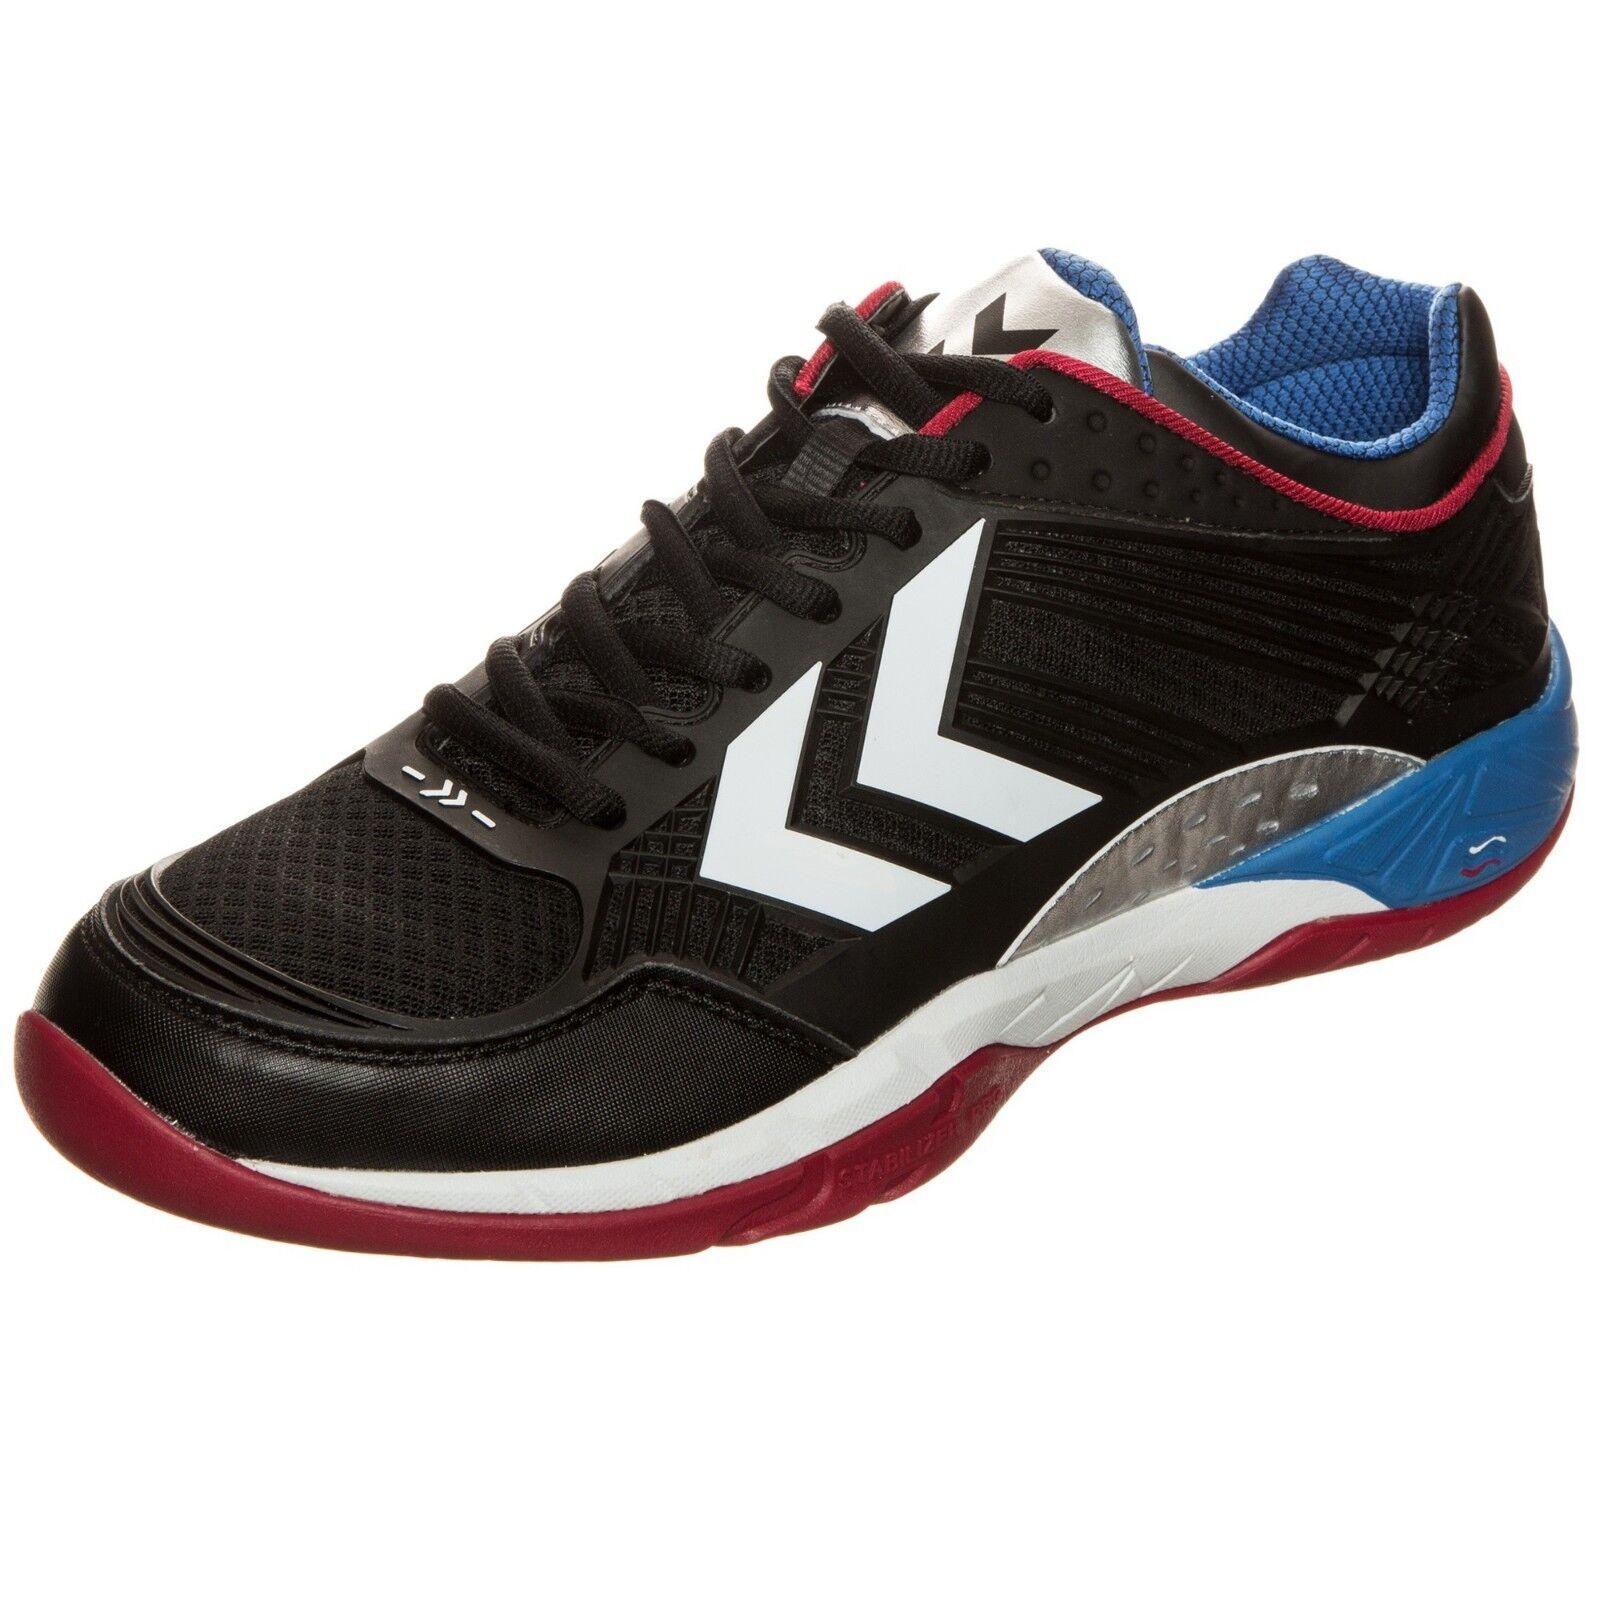 Zapatos de mujer baratos zapatos de mujer HUMMEL OMNICOURT Z8 TROPHY - Zapatillas de balonmano o fútbol sala unisex